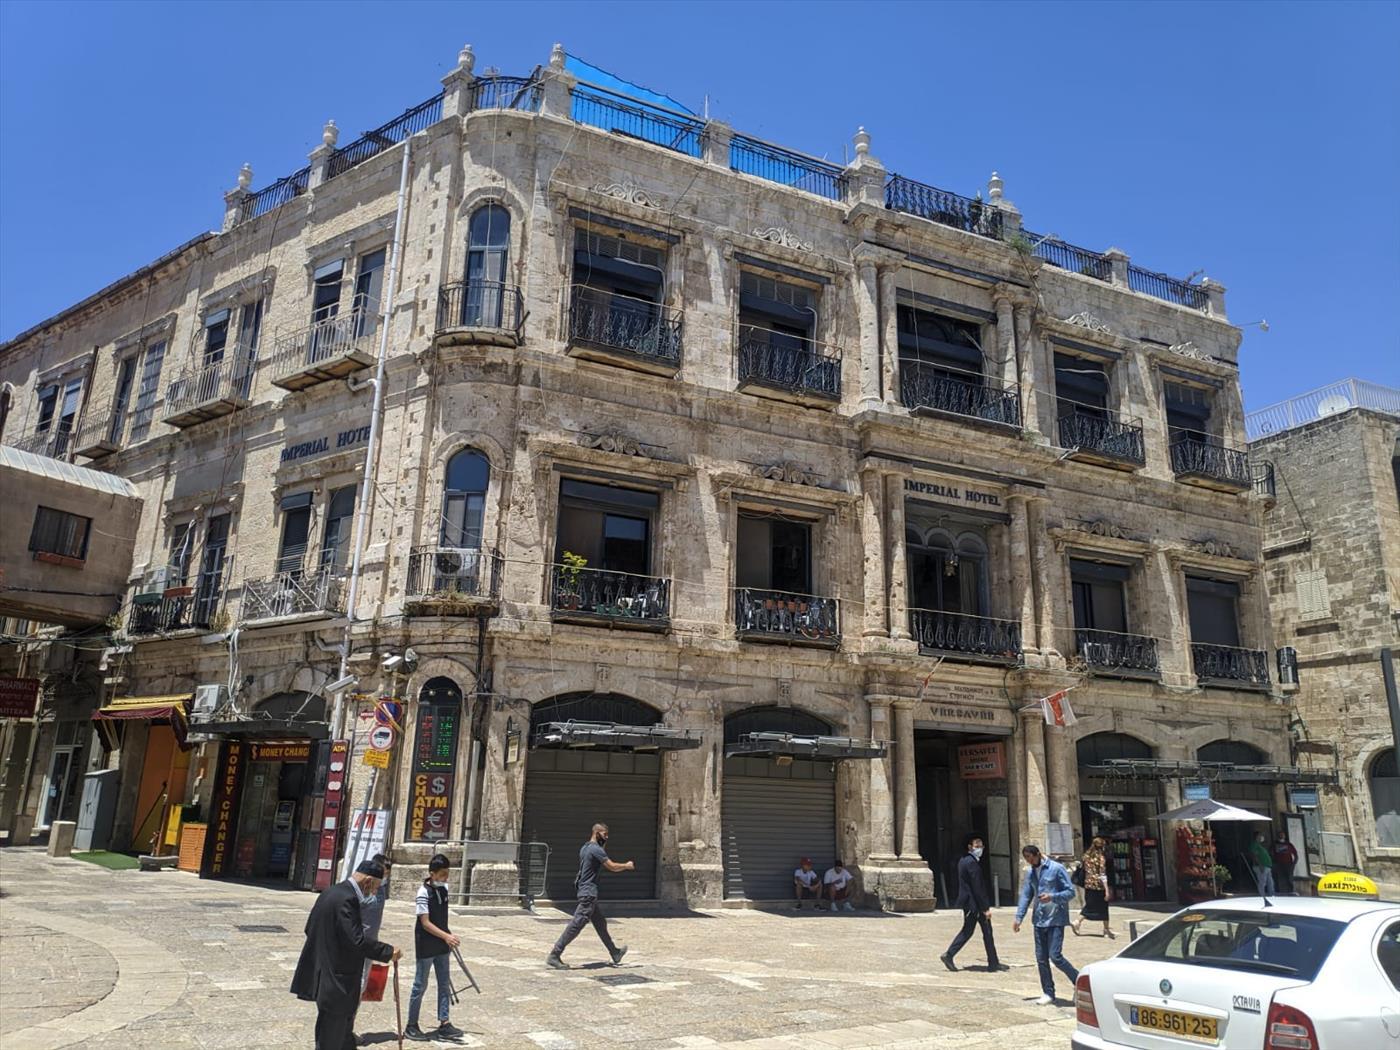 מלונות פטרה ואימפריאל, הנמצאים בעיר העתיקה בירושלים (אלרון זבטני/TPS)